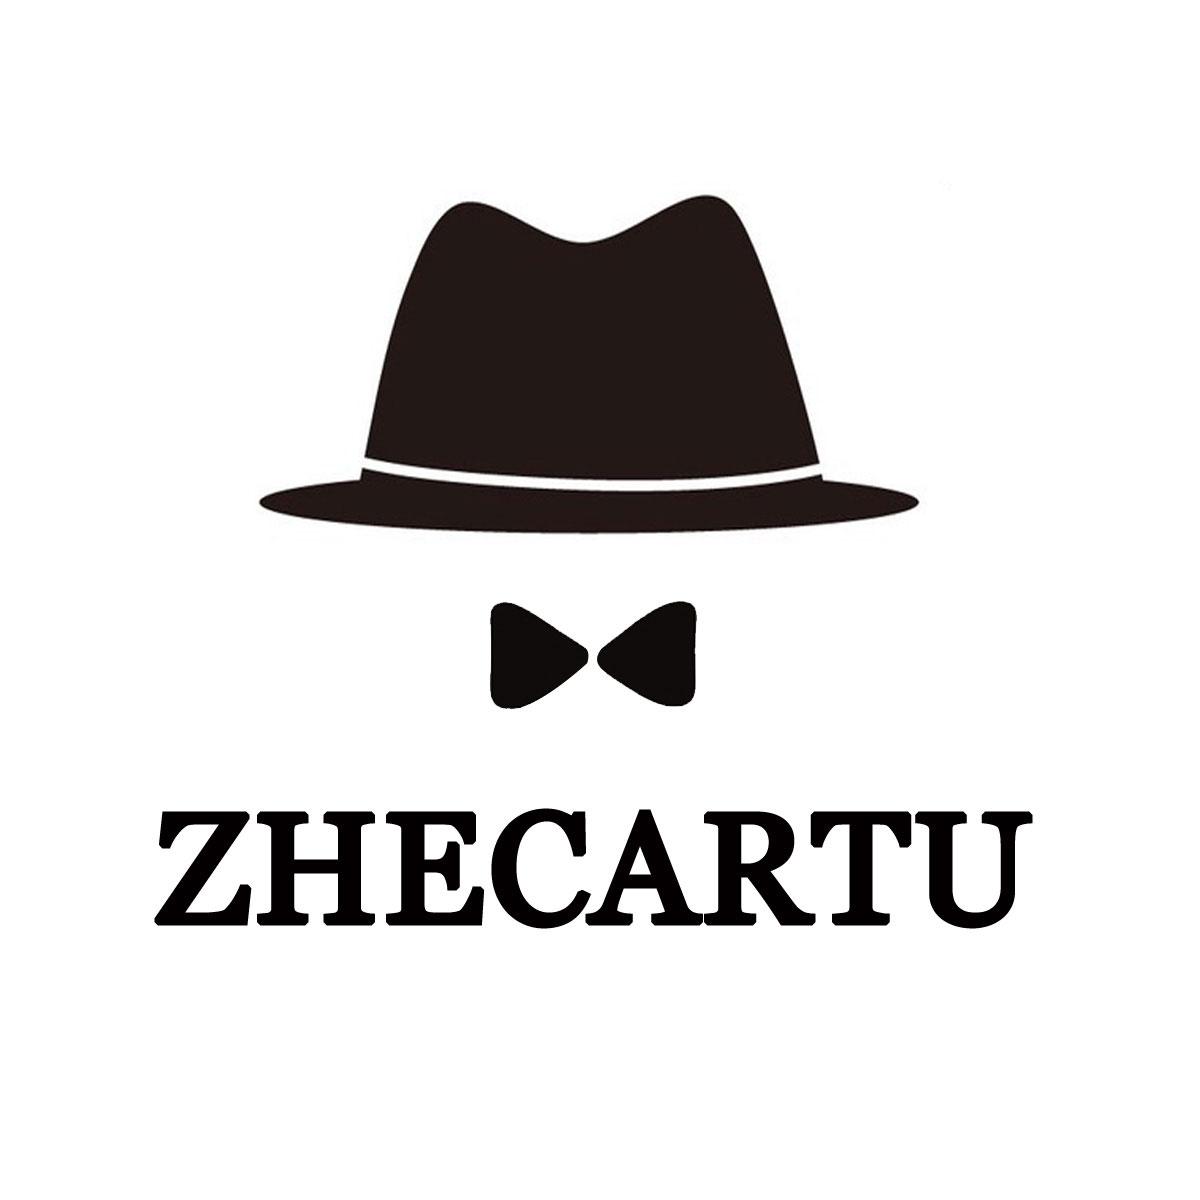 哲卡图logo